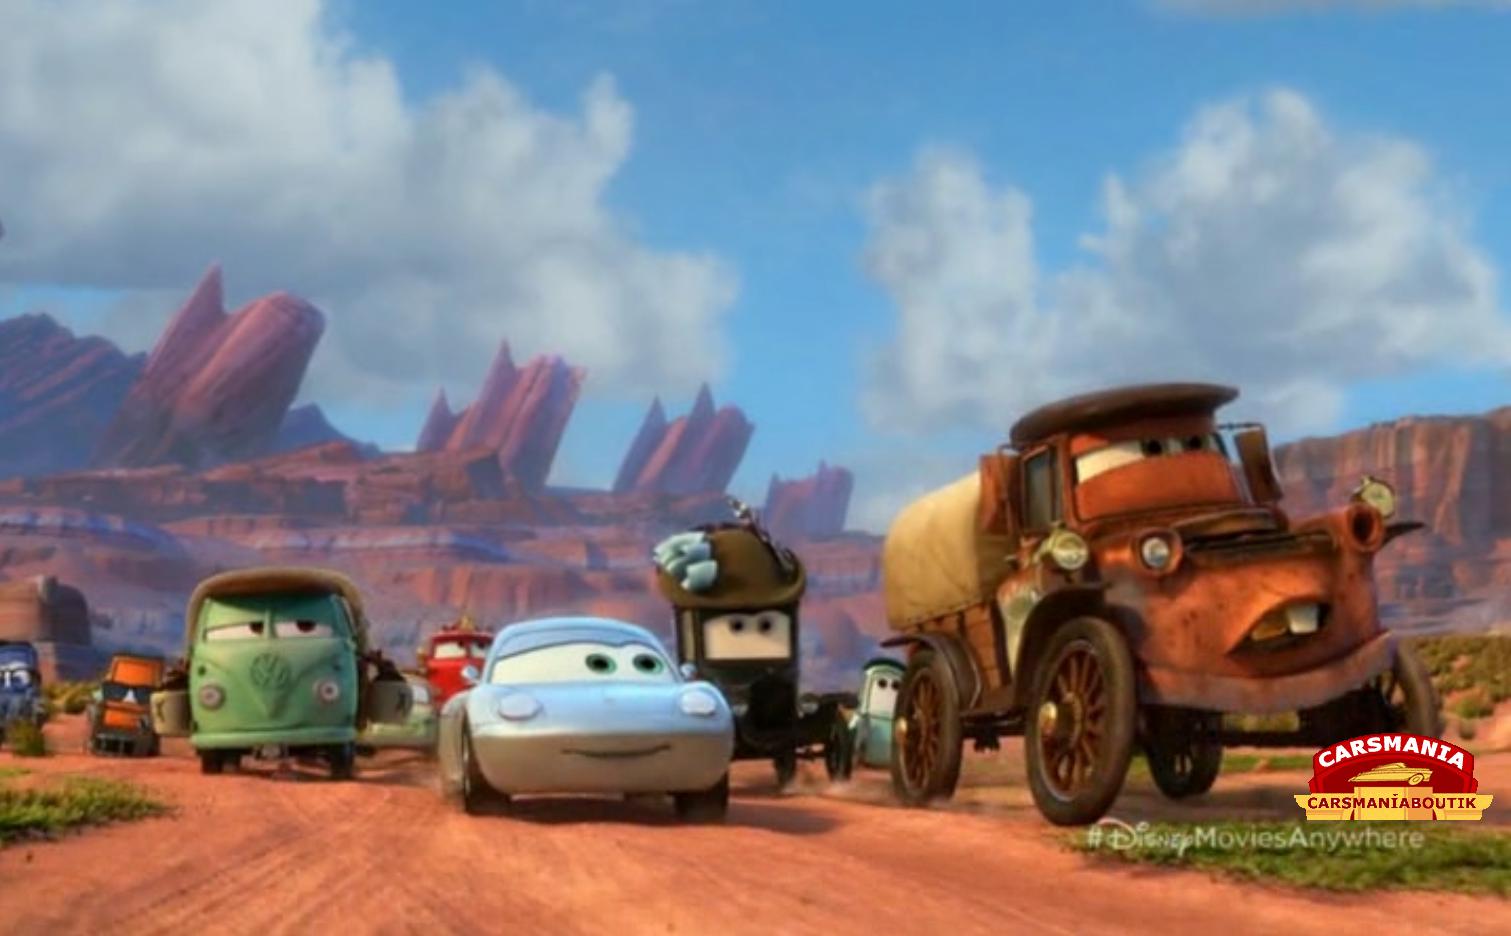 Radiator Springs Cars